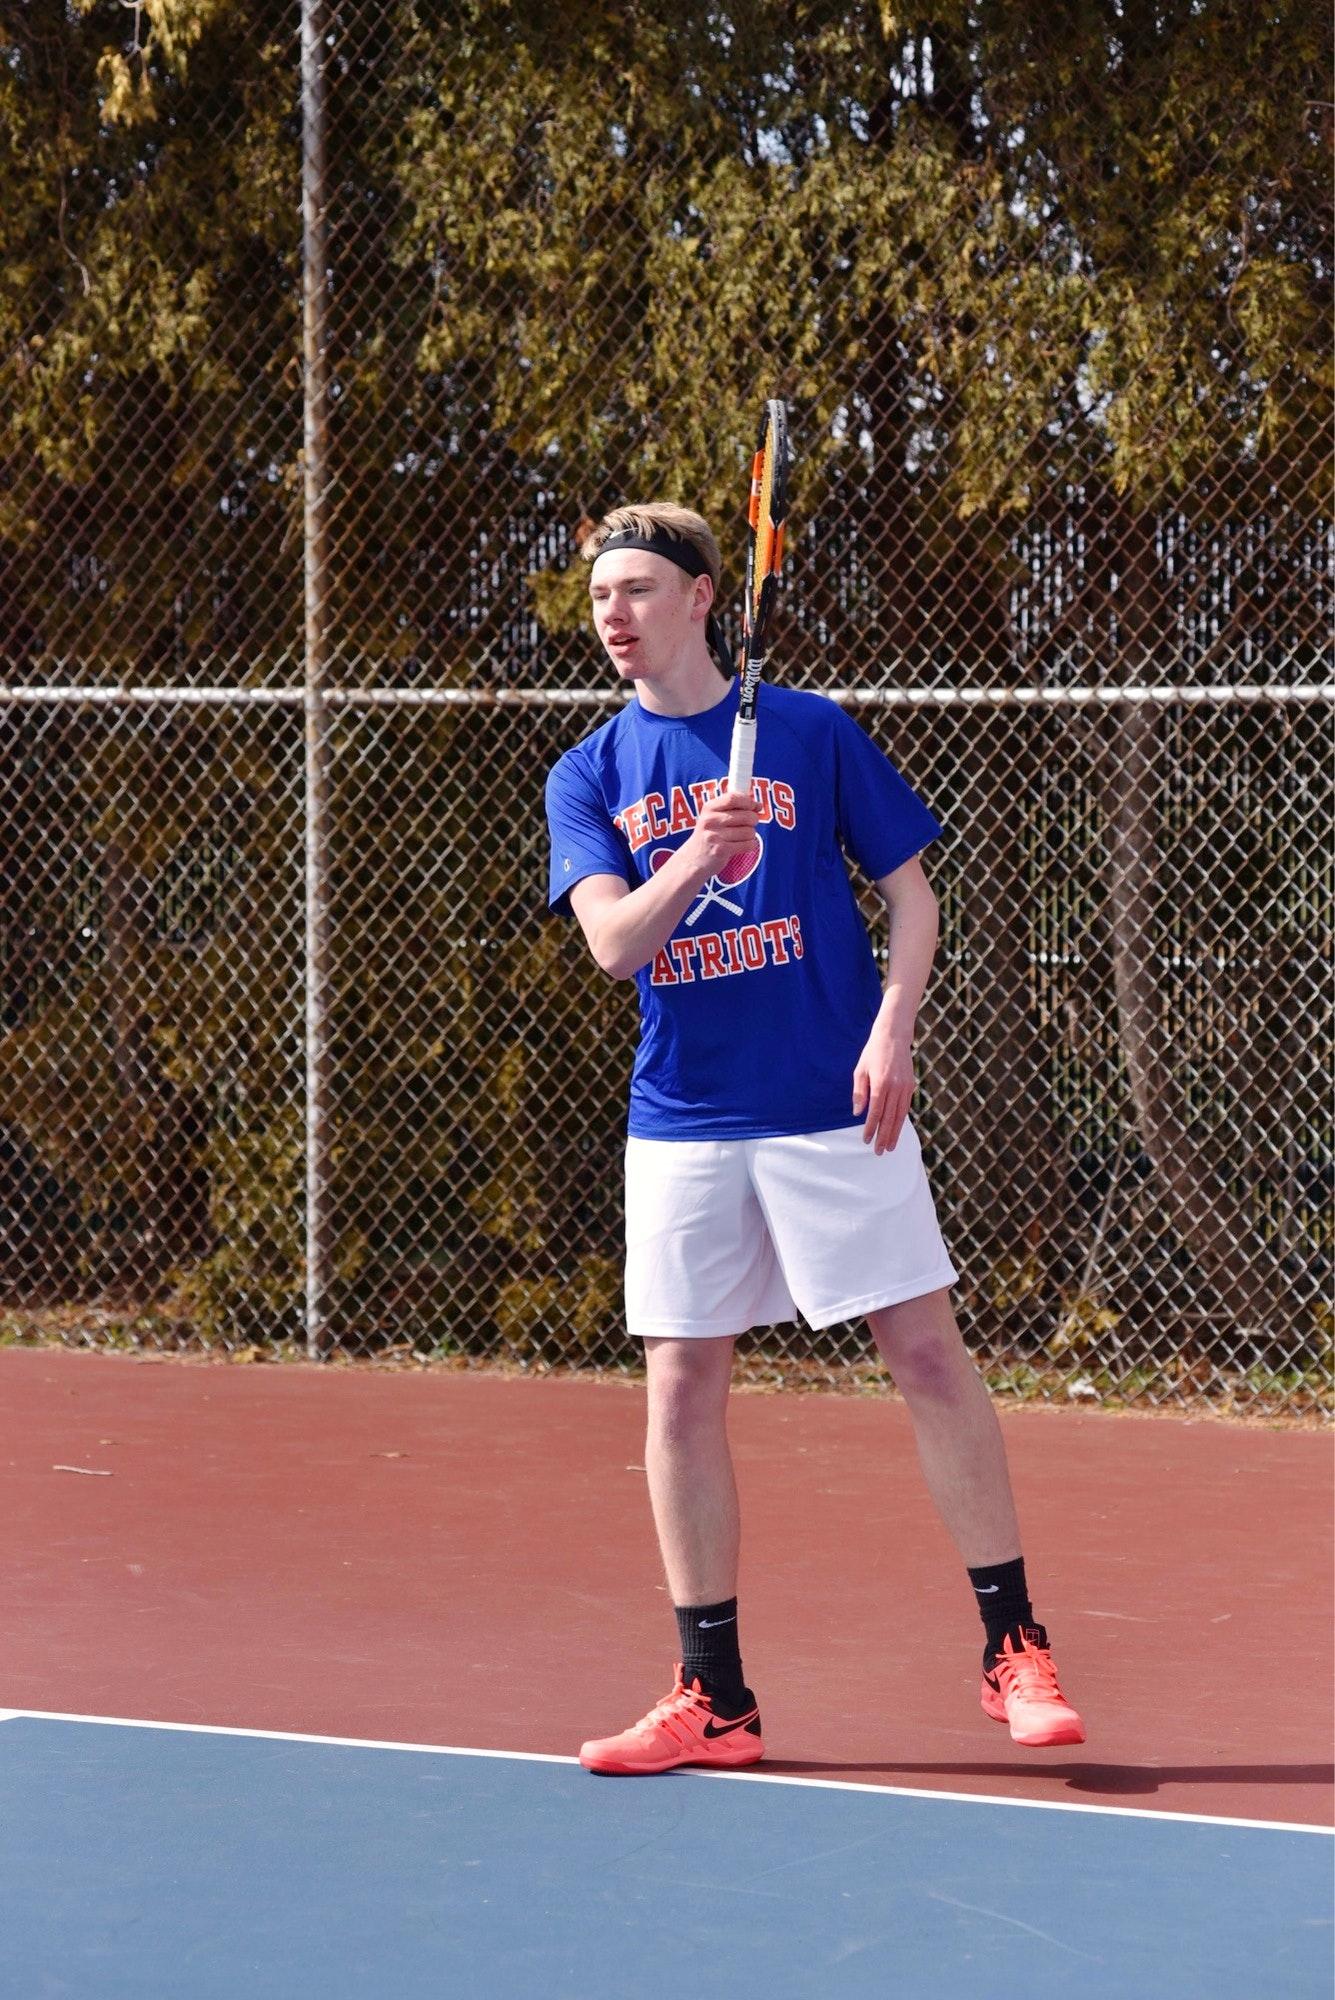 Eric D. teaches tennis lessons in Secaucus, NJ